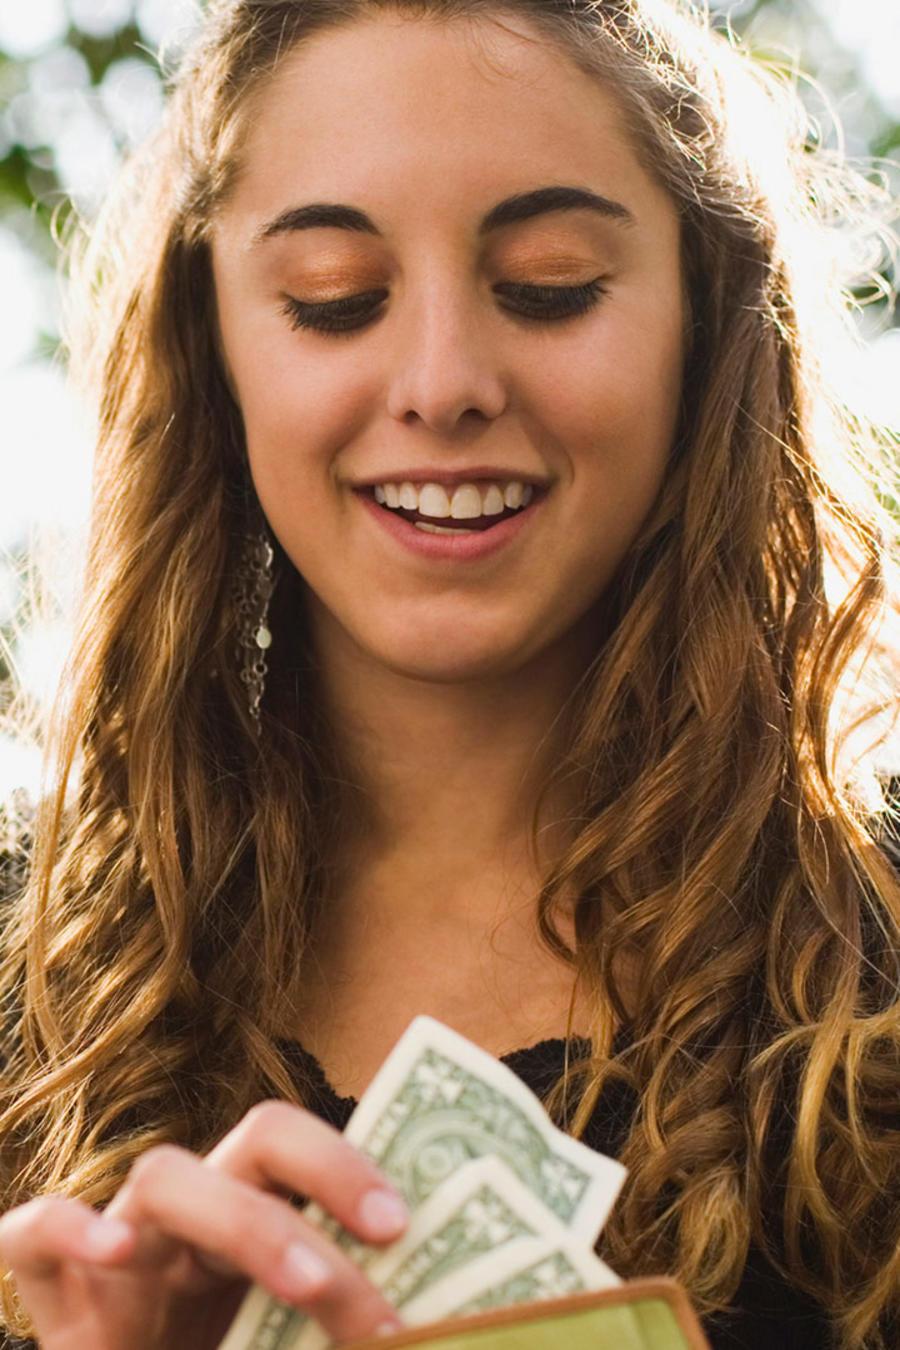 Chica adolescente revisa billetes y sonríe